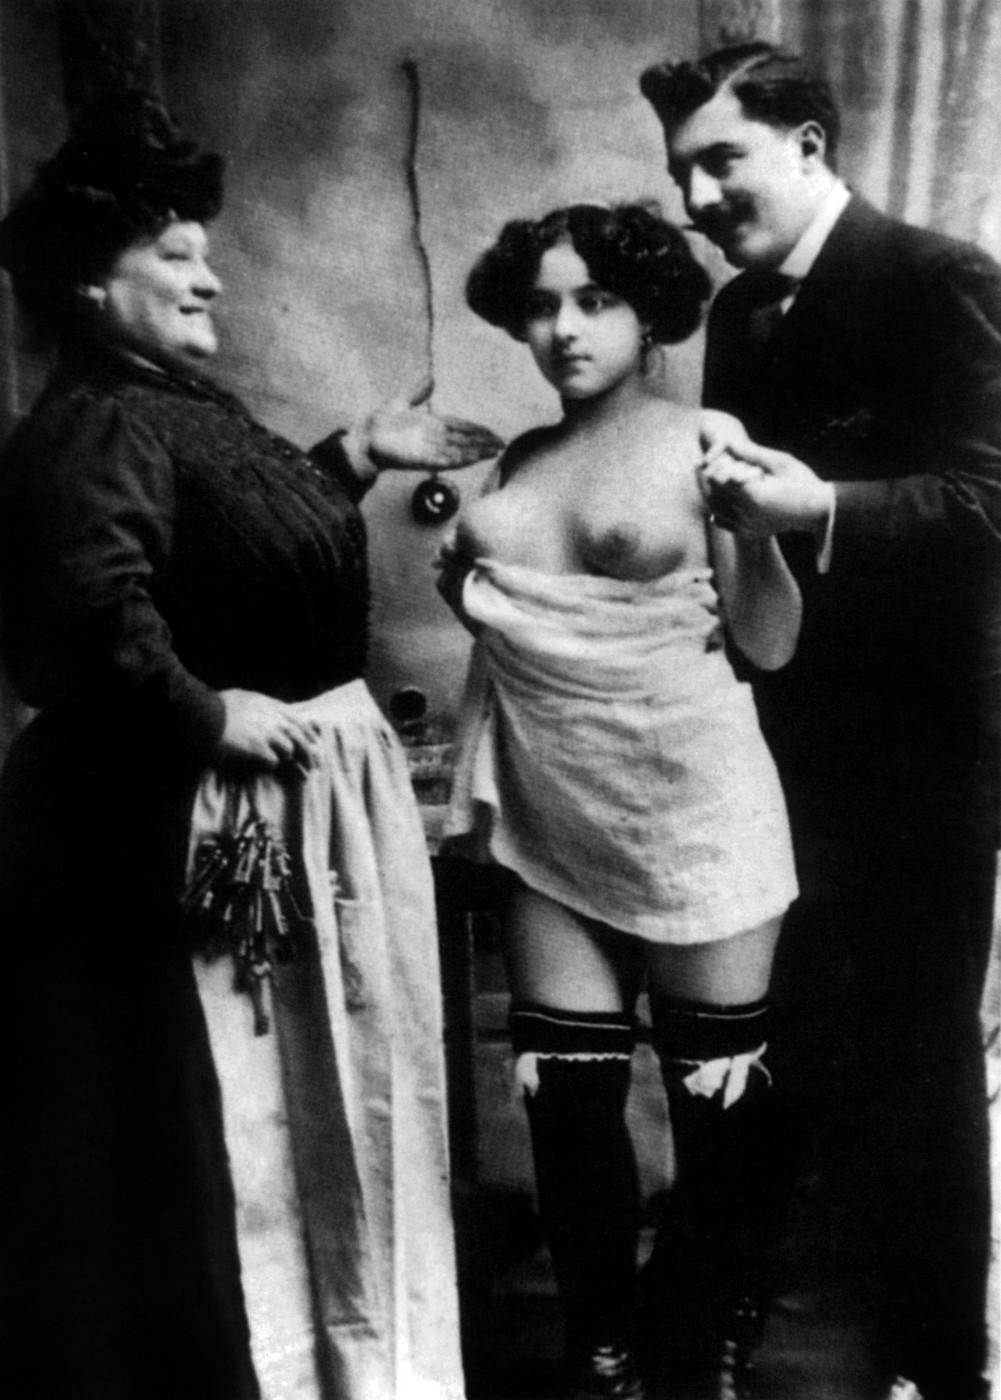 Ilyen volt a bordélyok világa 100 évvel ezelőtt